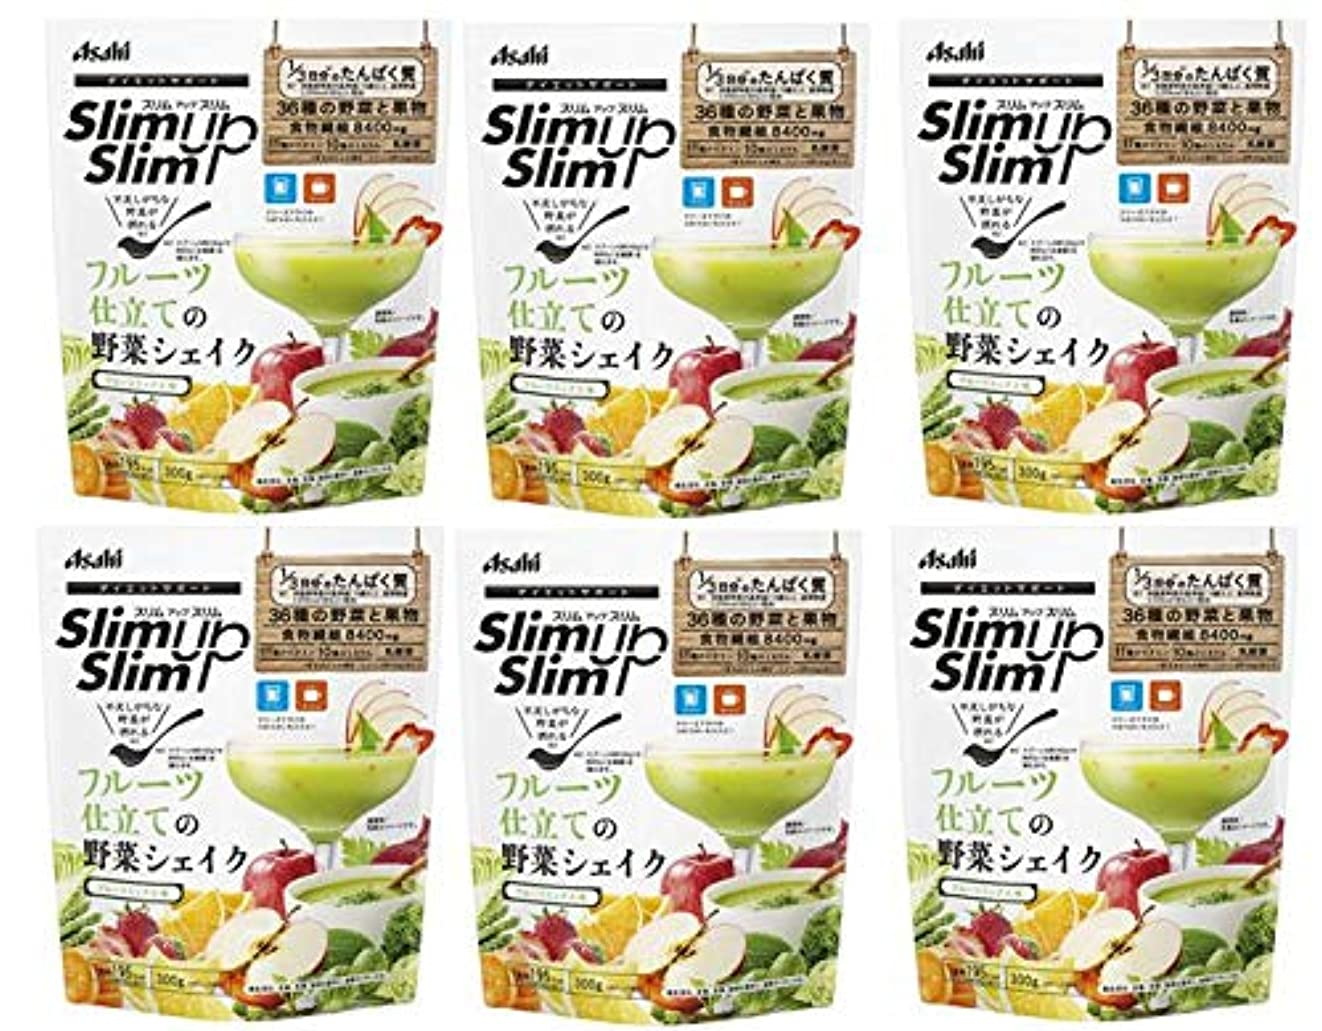 シンプルな明快真っ逆さまアサヒグループ食品 スリムアップスリム フルーツ仕立ての野菜シェイク 300g X6個セット